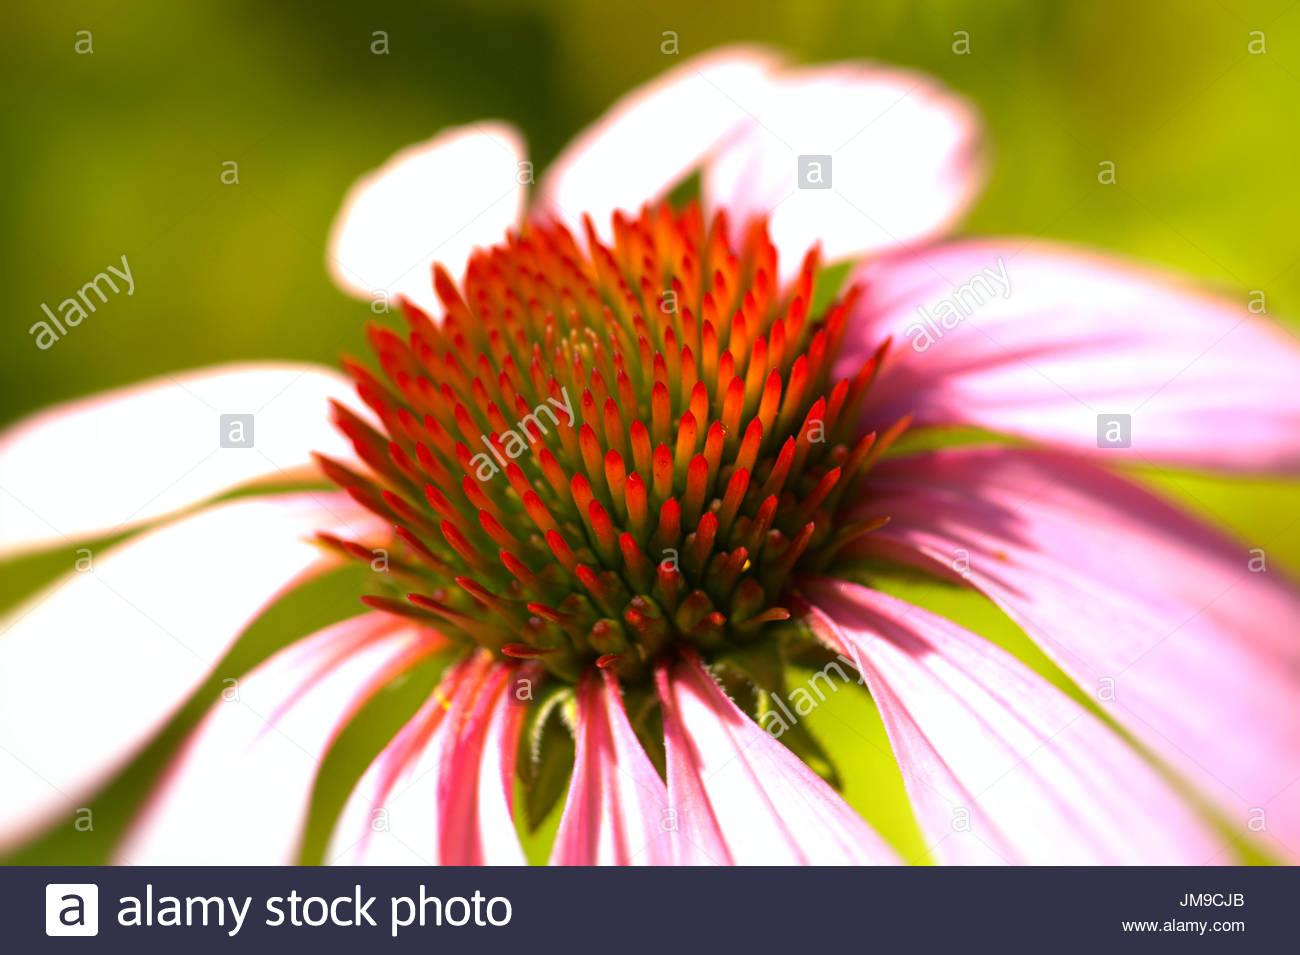 Purpur-Sonnenhut - Echinacea purpurea, auch Roter Scheinsonnenhut genannt. Nahaufnahme der Blüte mit dem konischen Bluetenkorb. - Stock Image